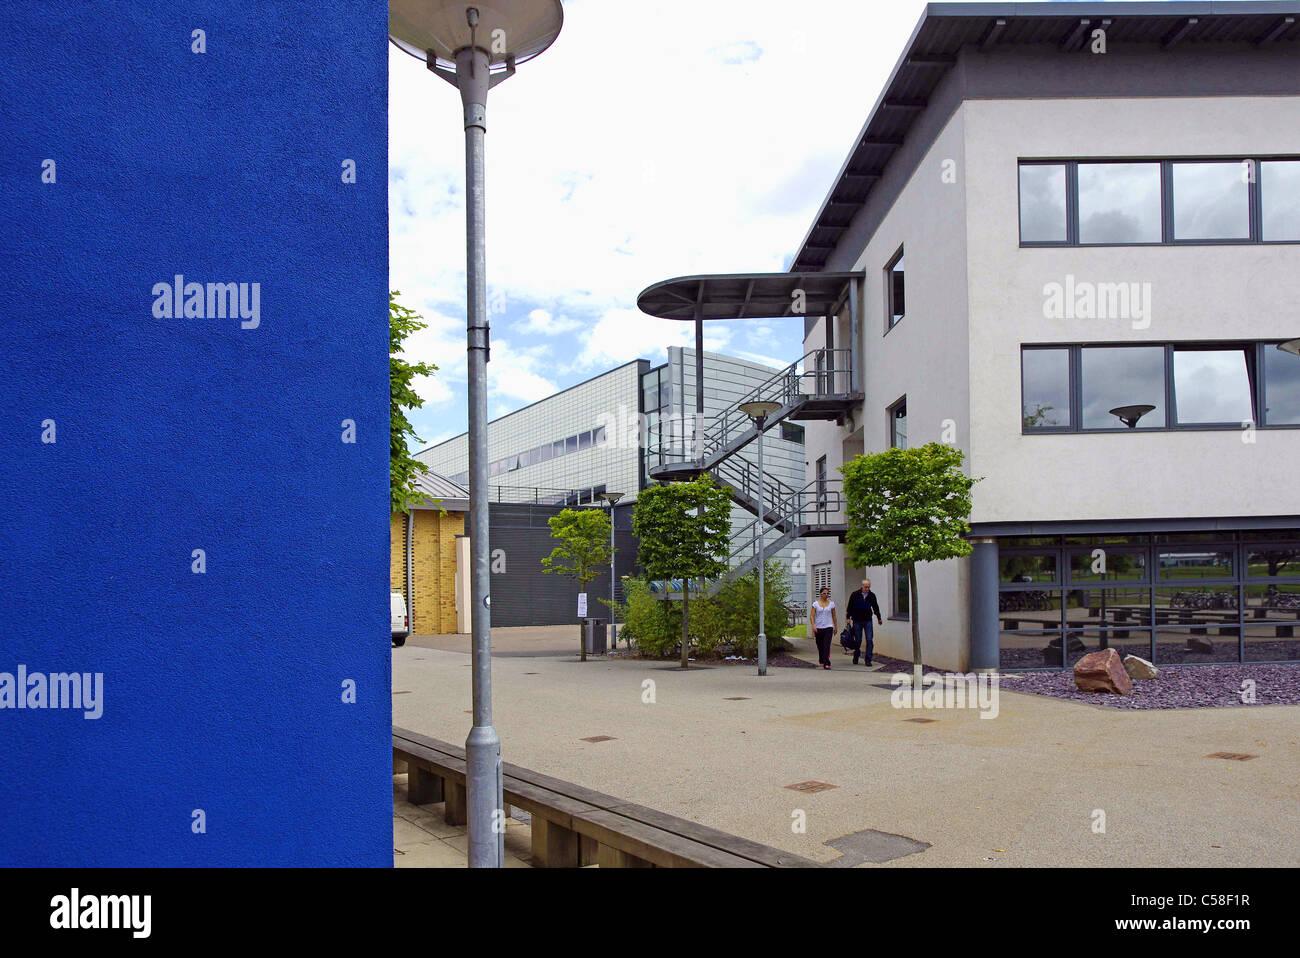 Modernen Gebäuden der Universität Loughborough in Richtung der Clyde-Williams-Gebäudes. Leicestershire Stockbild